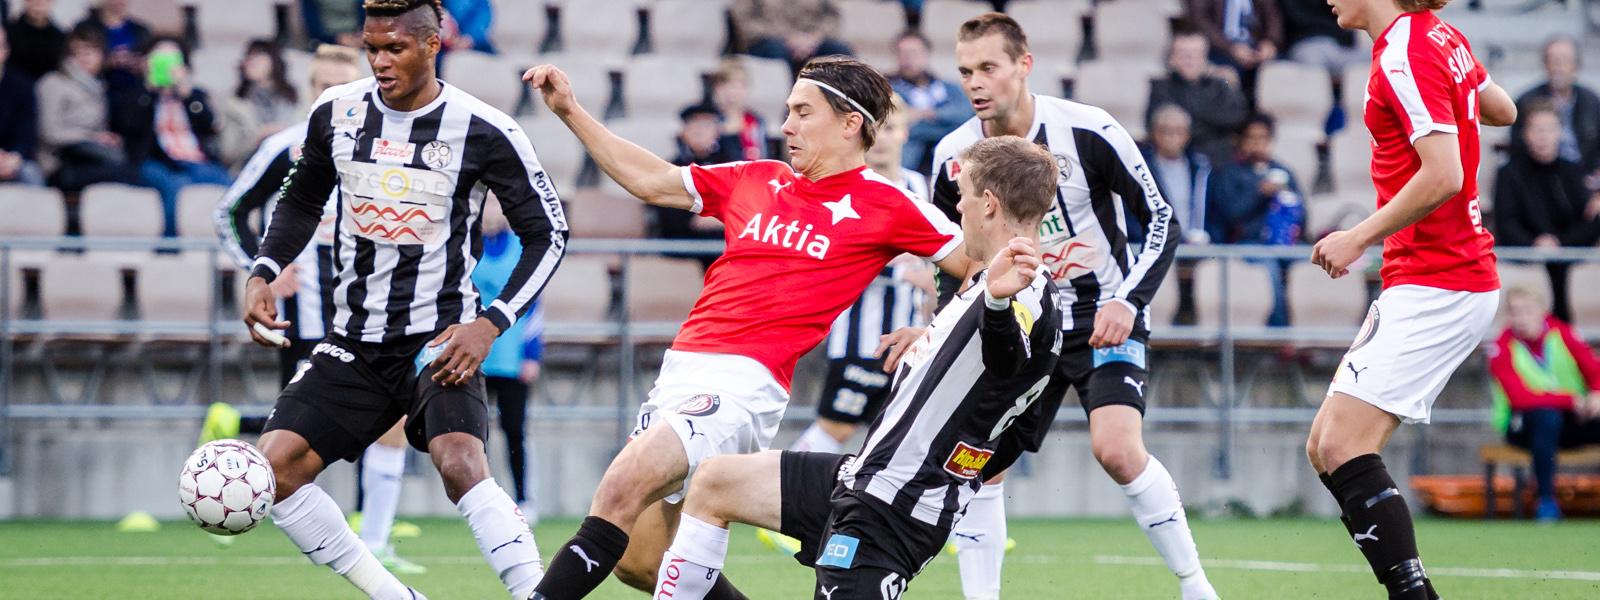 HIFK:lle jälleen yhden maalin tappio – RE/MAX otteluraportti